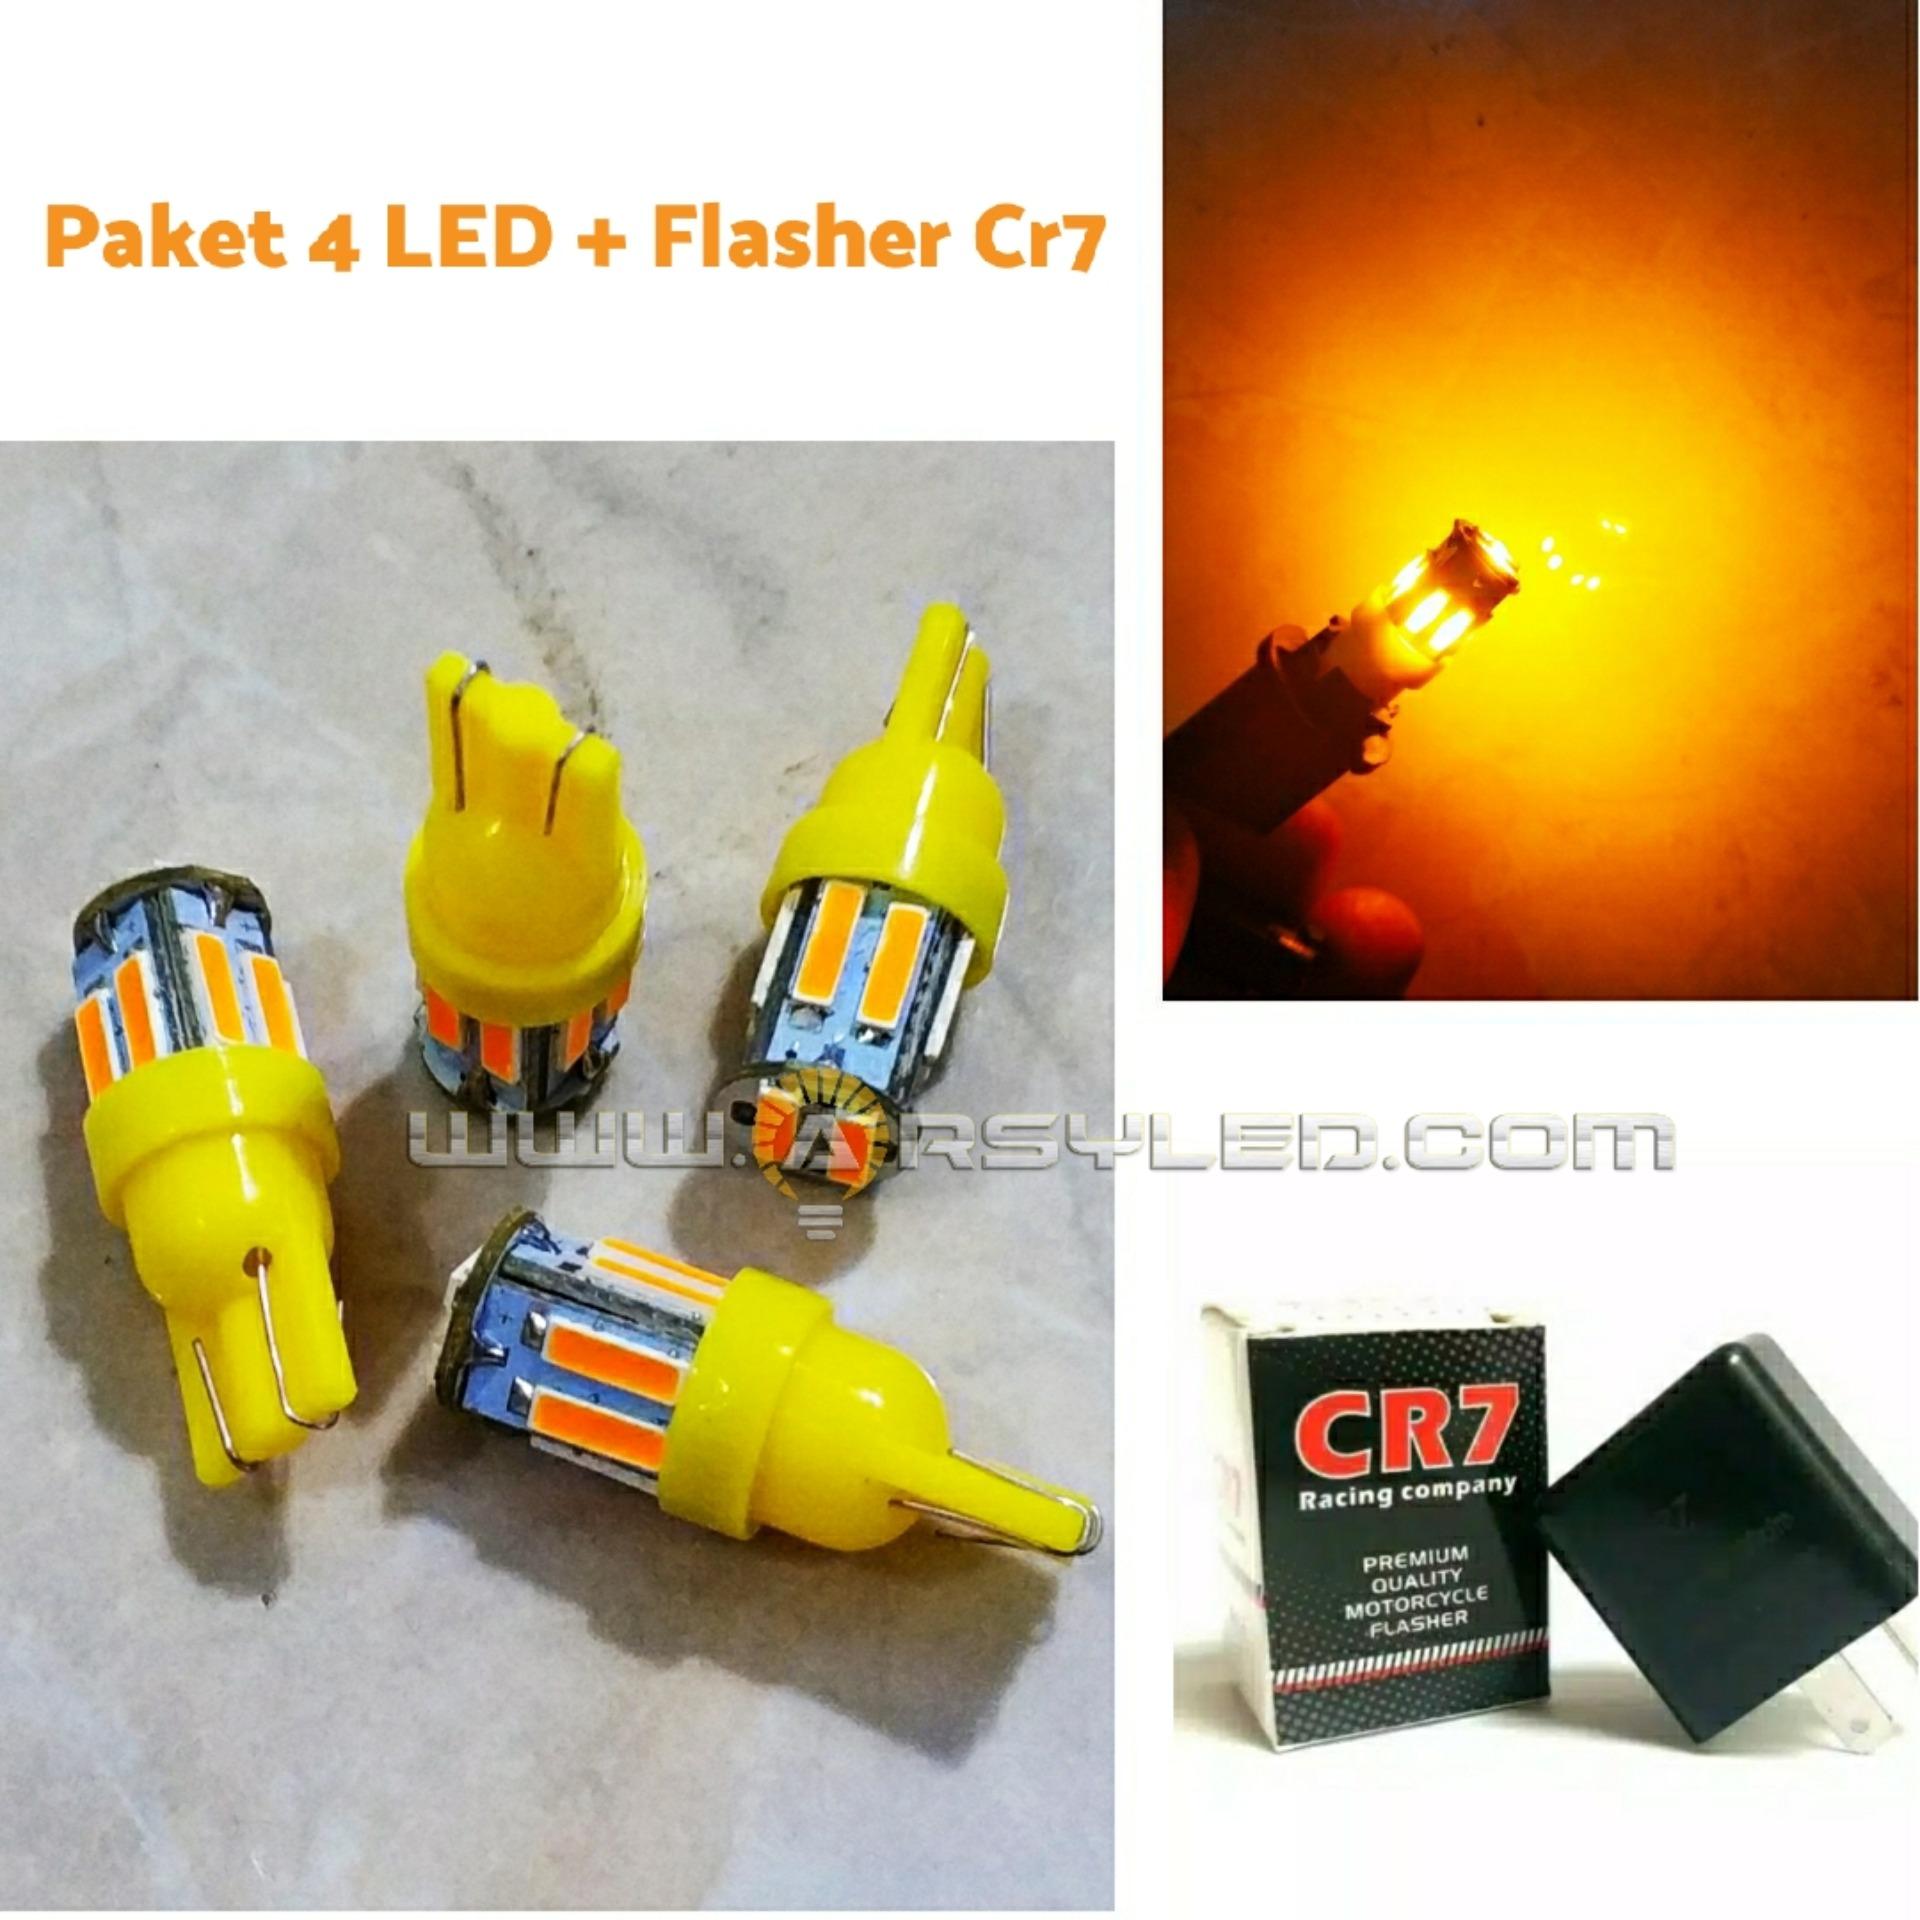 PAKET 4 Biji lampu sein led motor + Flasher CR7 LED 7014 10 titik Premium Grade A Super Bright Motor ARSYSTORE - KUNING